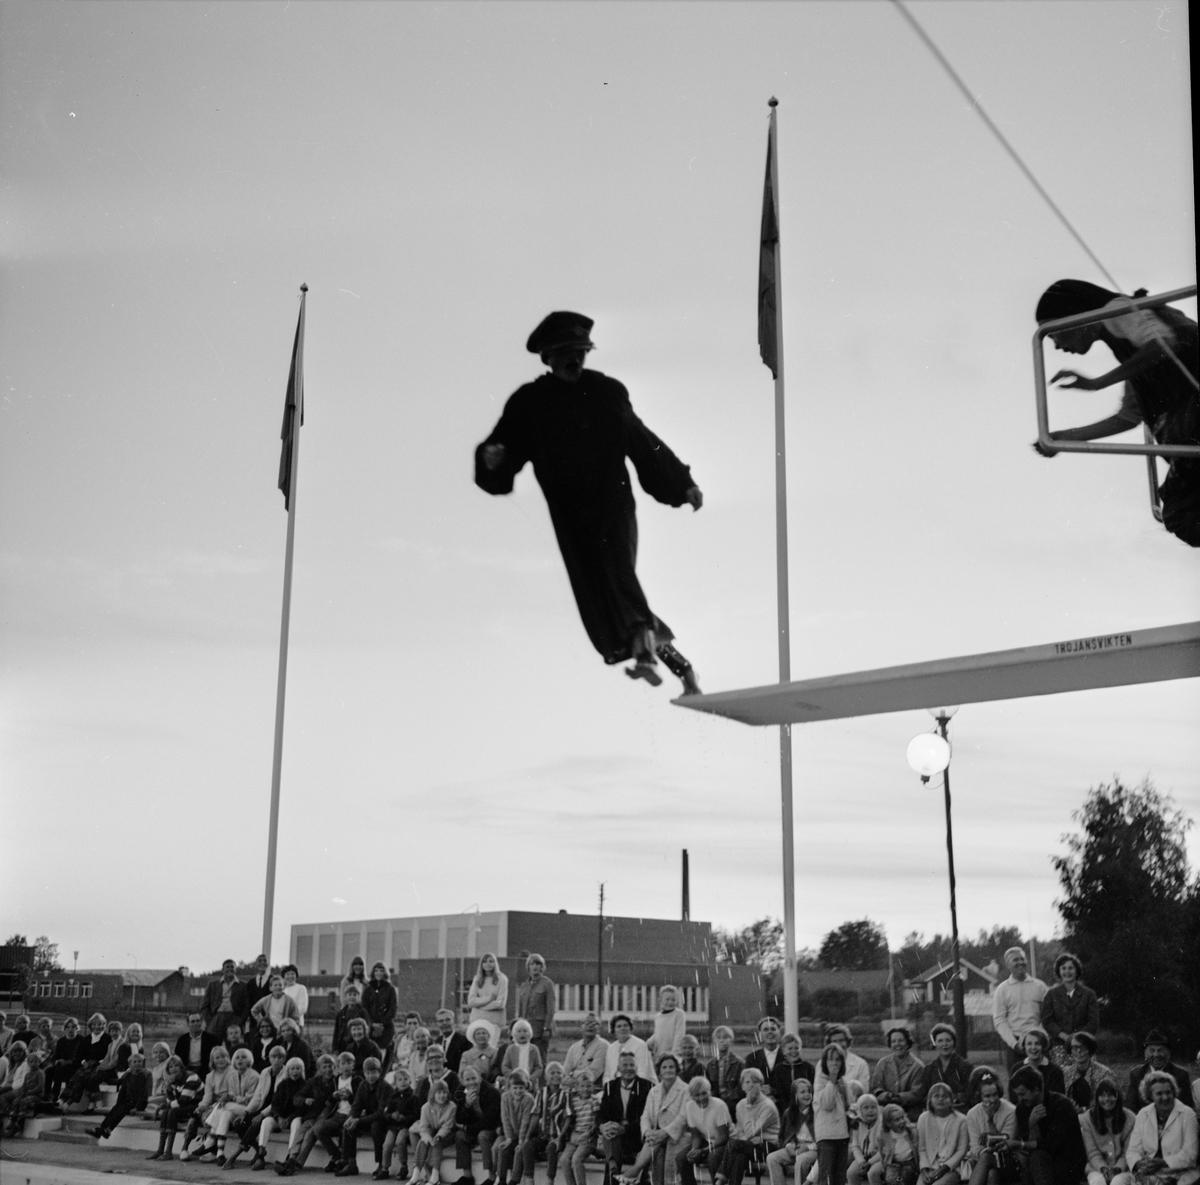 Simavslutning på Aspenbadet, Tierp, Uppland, augusti 1968